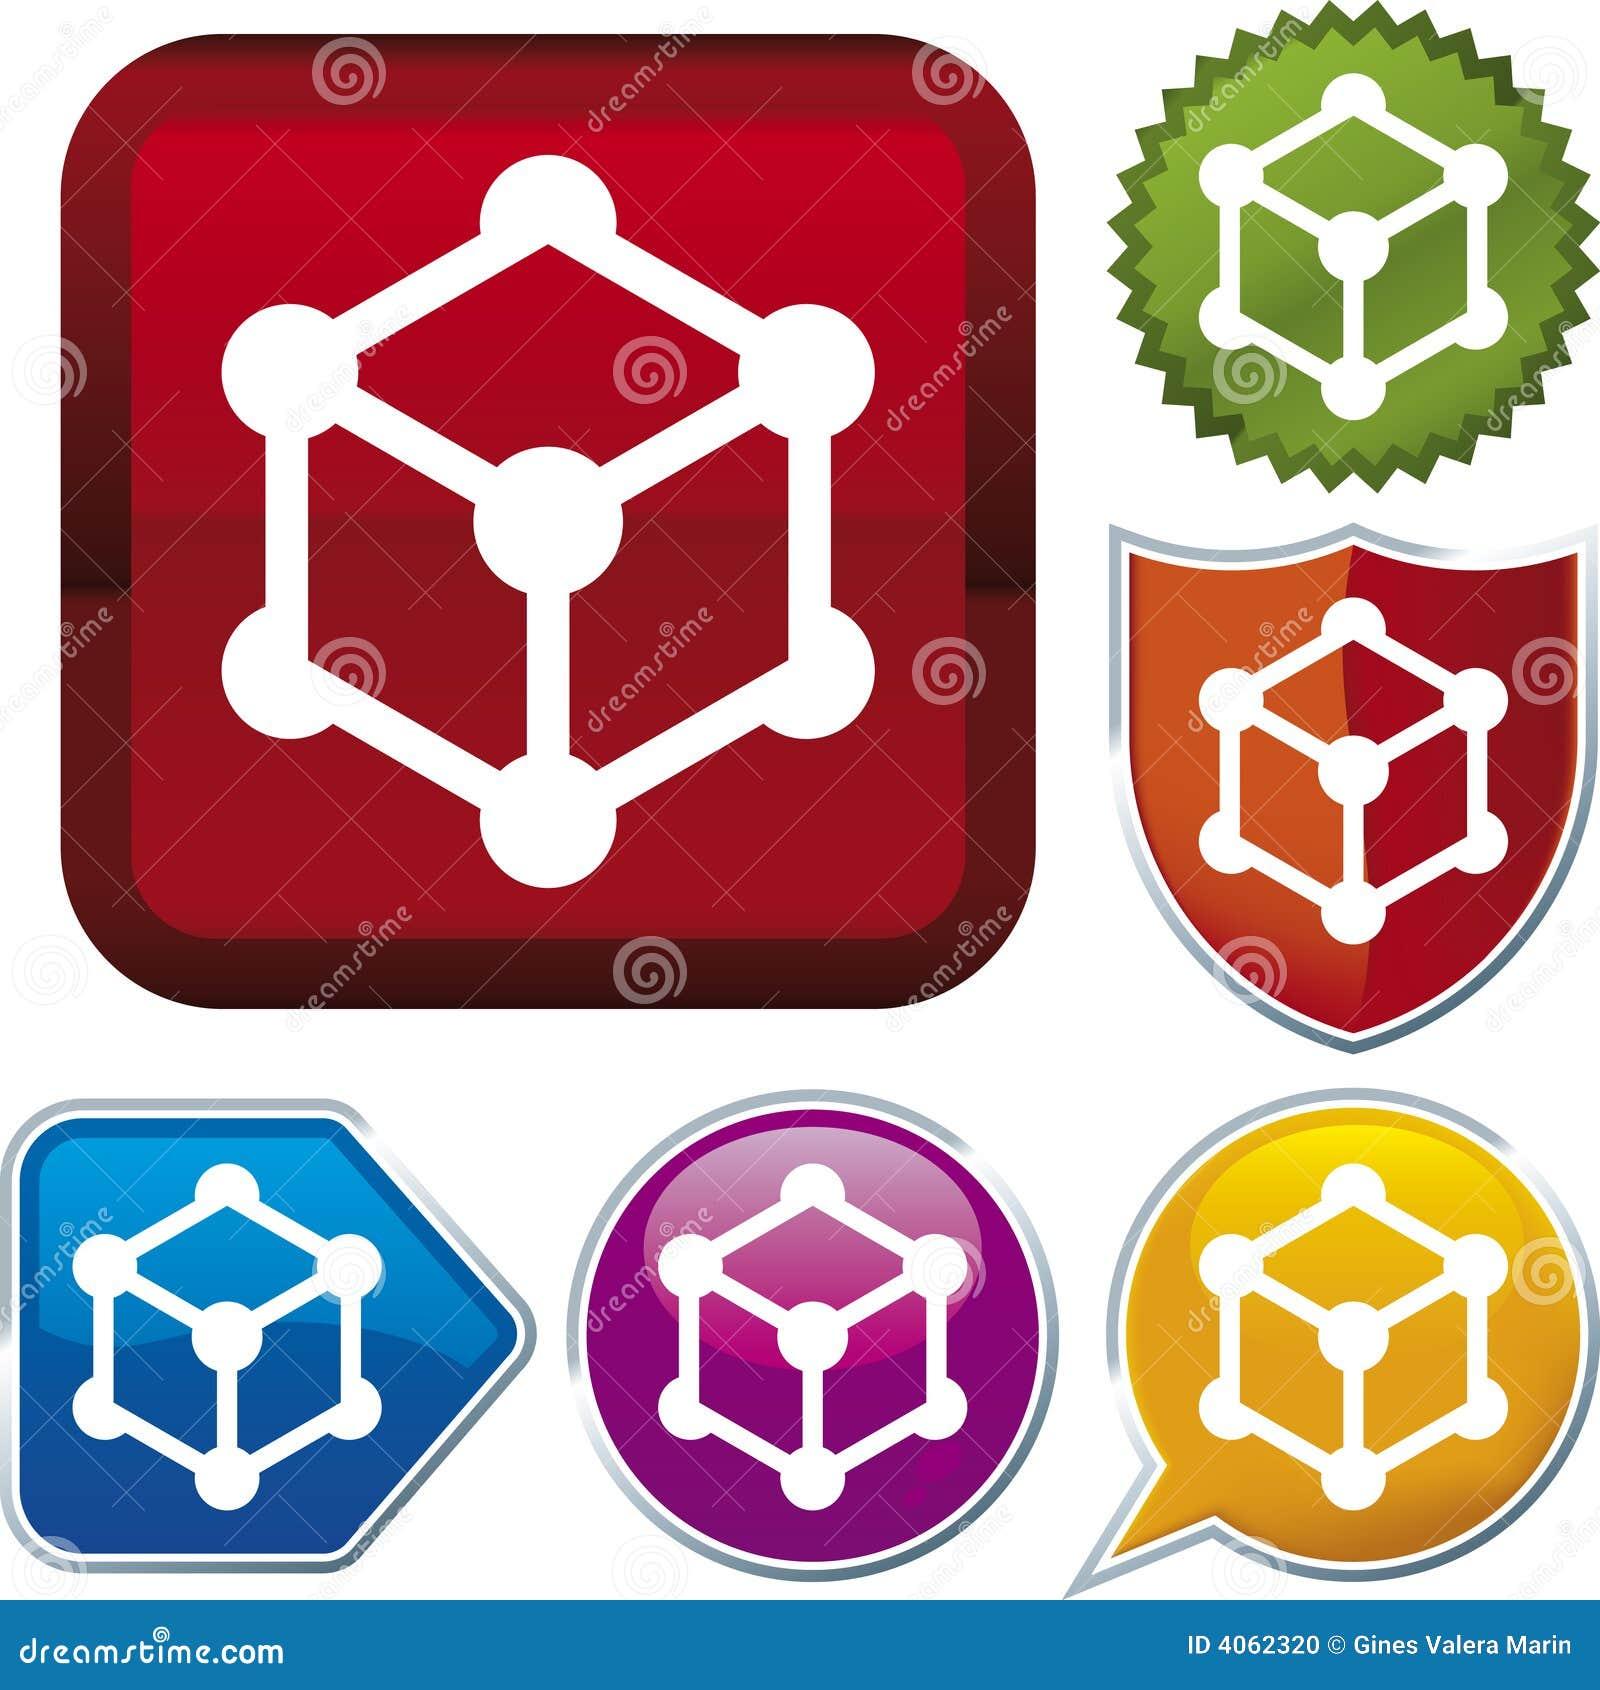 Série do ícone: cubo (vetor)